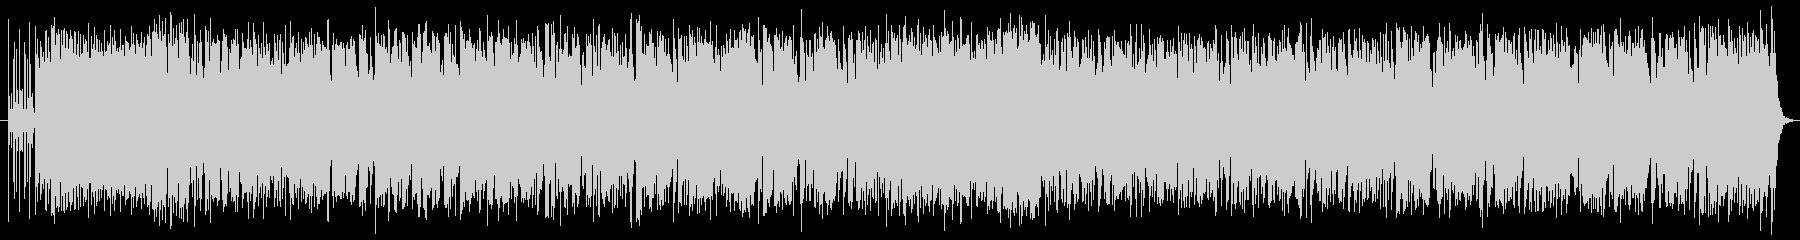 オー・ソレ・ミオのボサノババージョンの未再生の波形